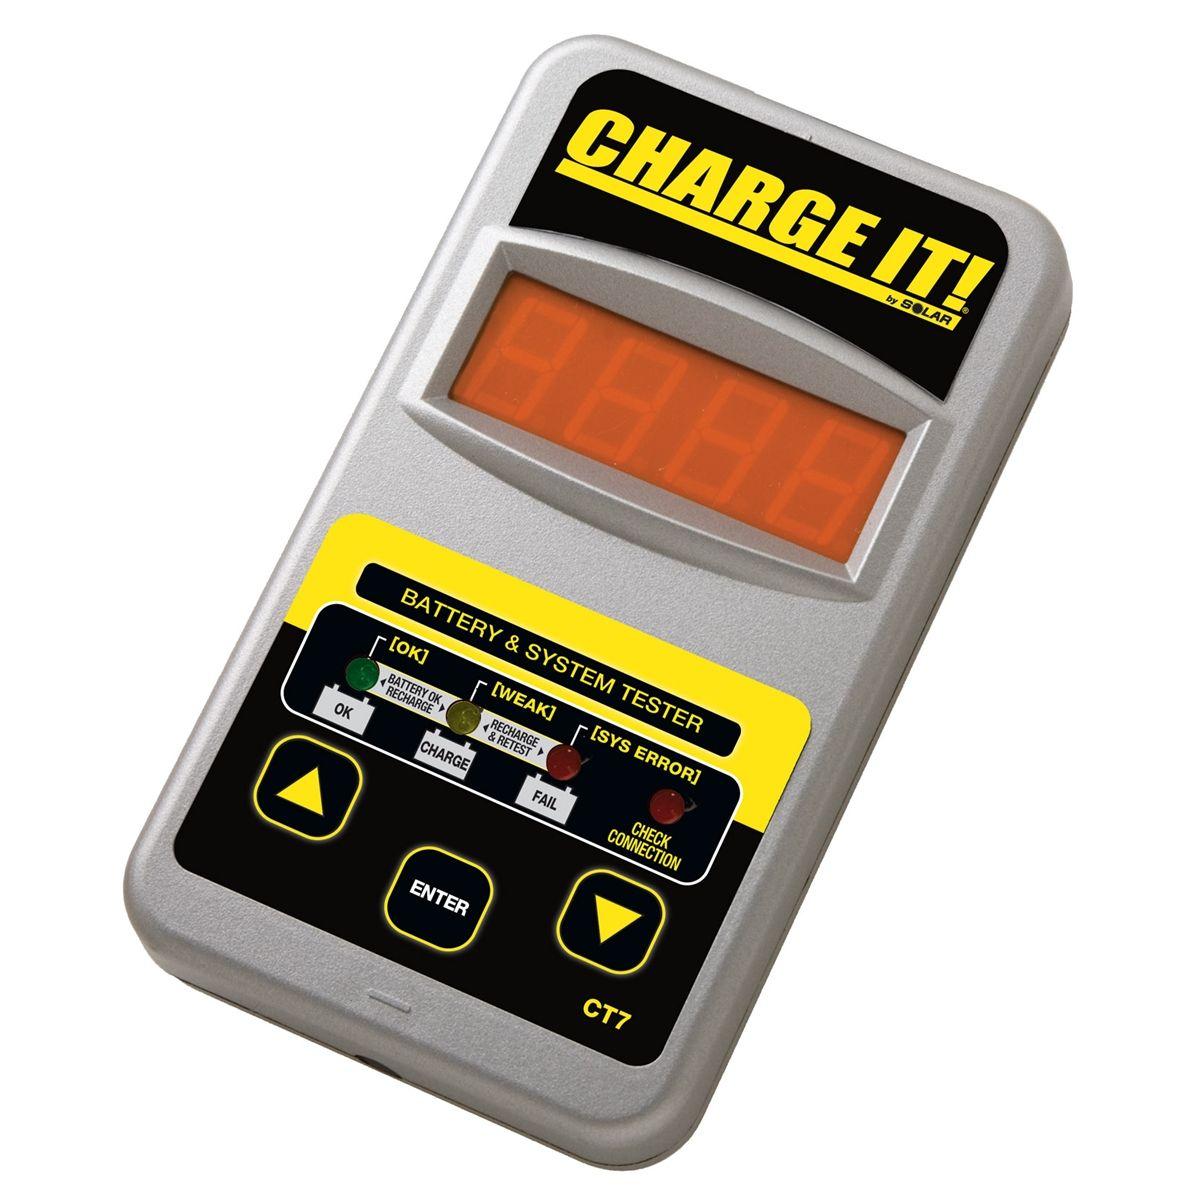 12 Volt Battery Tester : Solar v digital battery and system tester ct